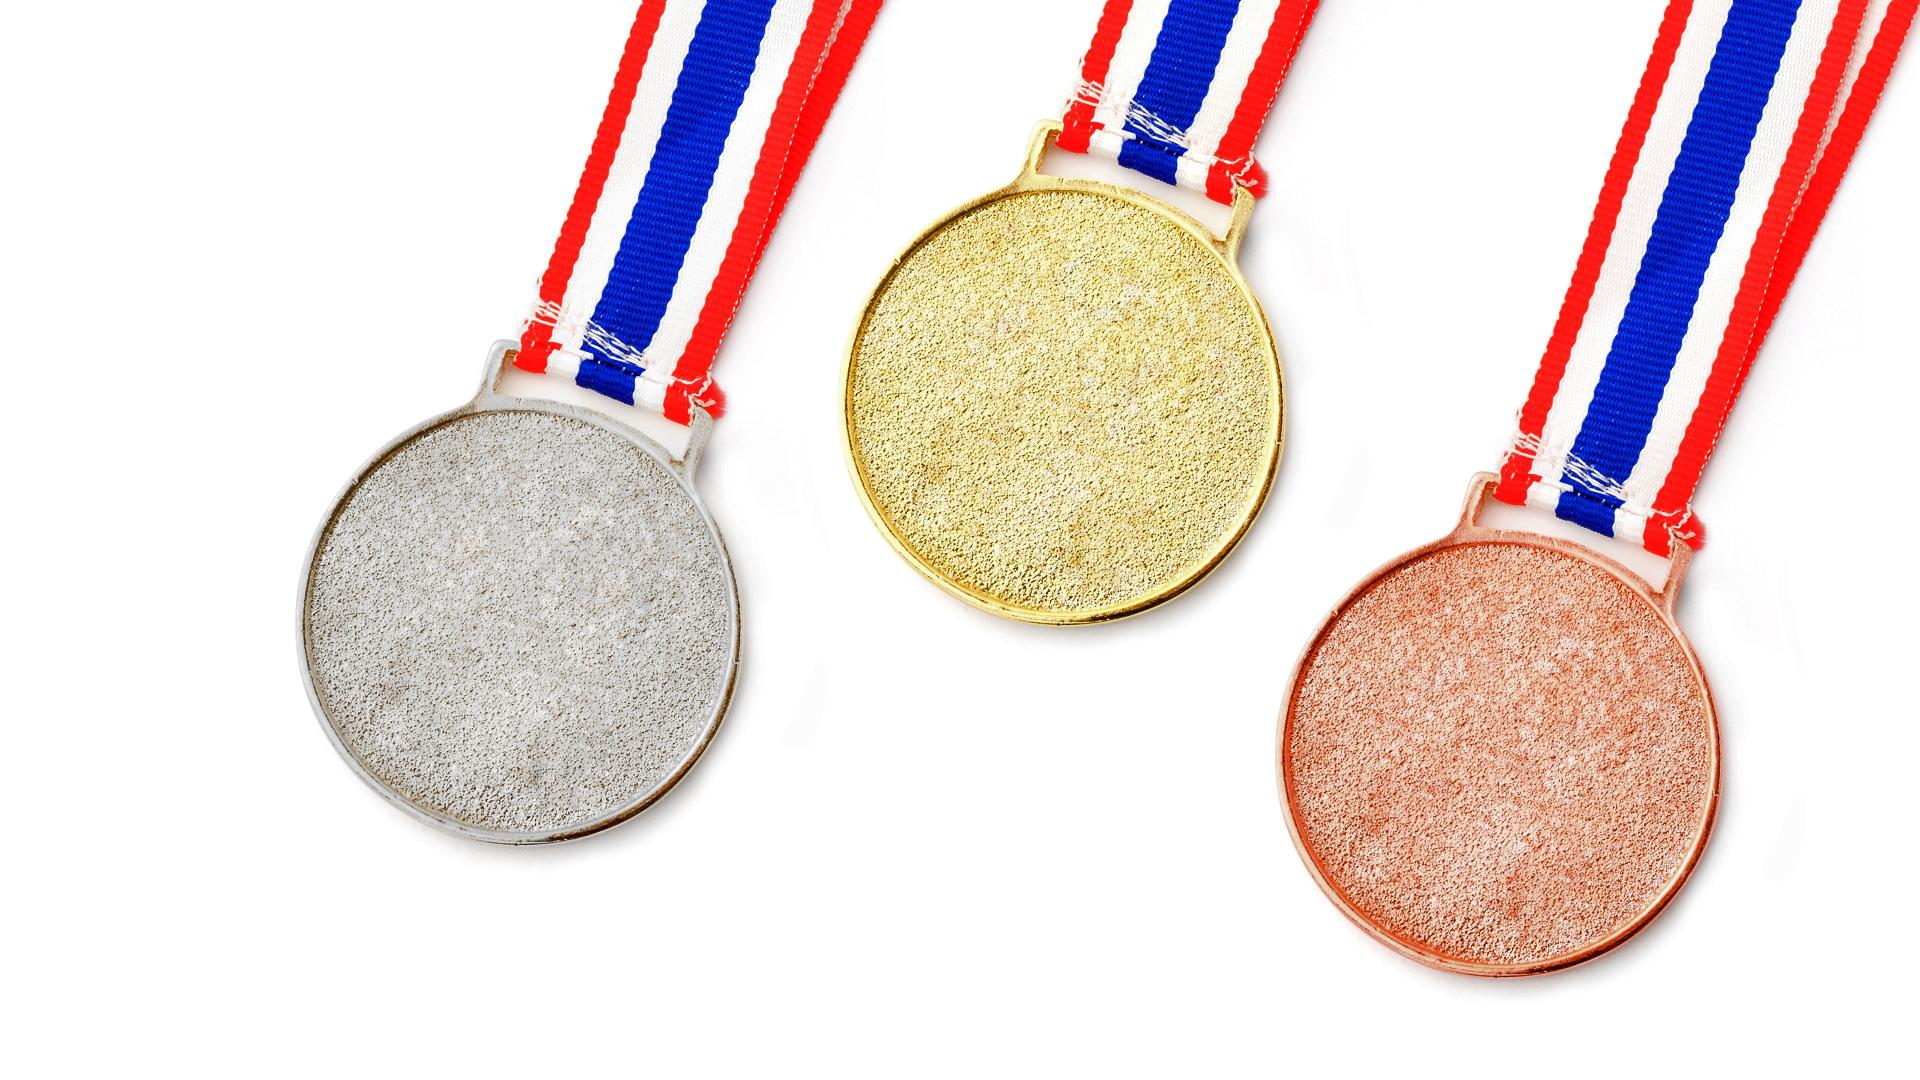 Cinci medalii de argint și una de bronz, obținute de România la Olimpiada de Științe pentru Juniori